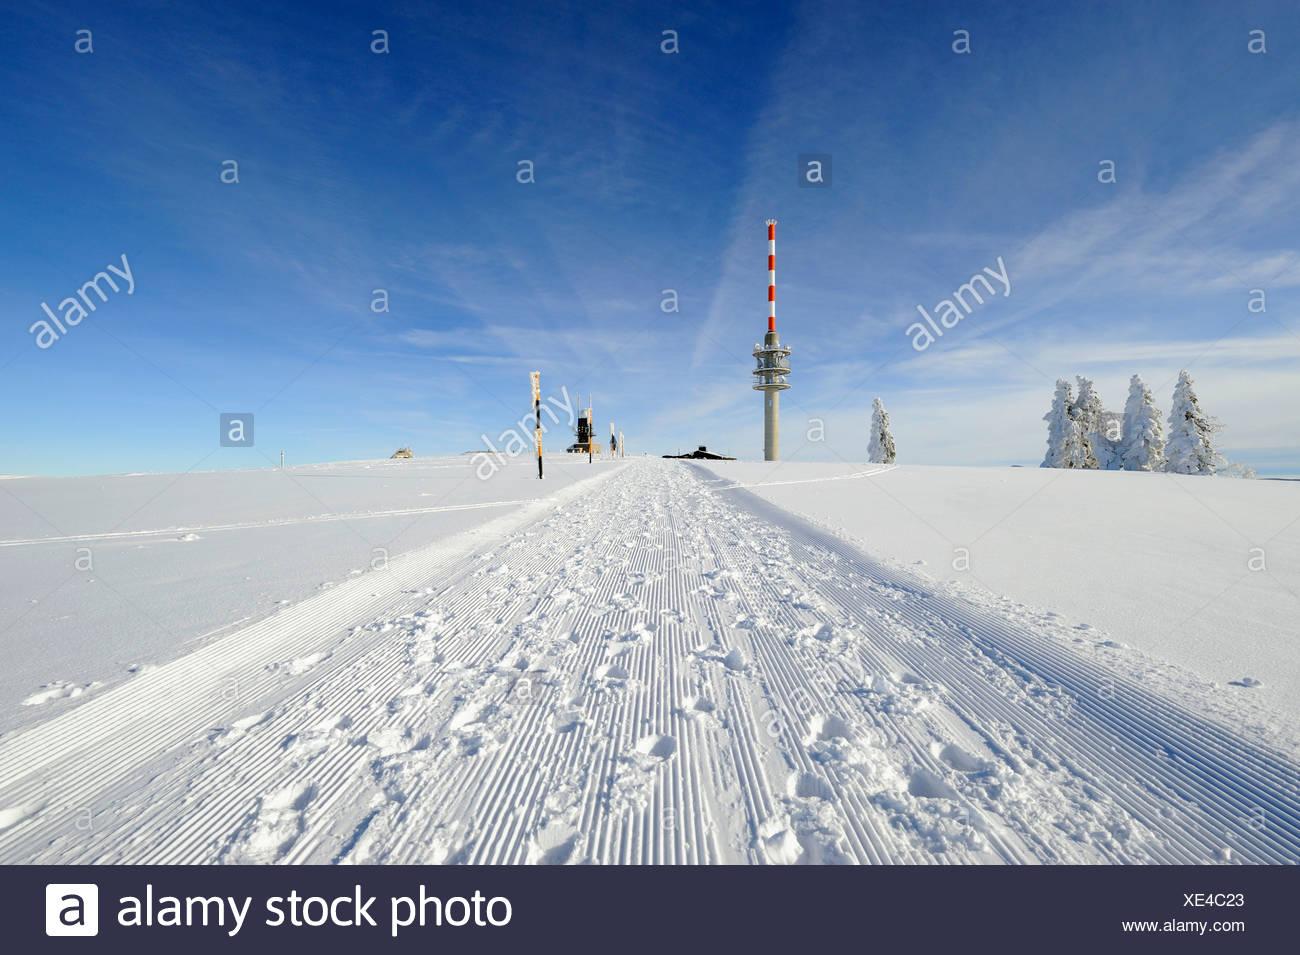 Gewalzten Schnee trail auf dem 1493m hohen Mt. Feldberg im Schwarzwald, am Horizont die neue Feldbergturm-Antenne mit der Stockbild